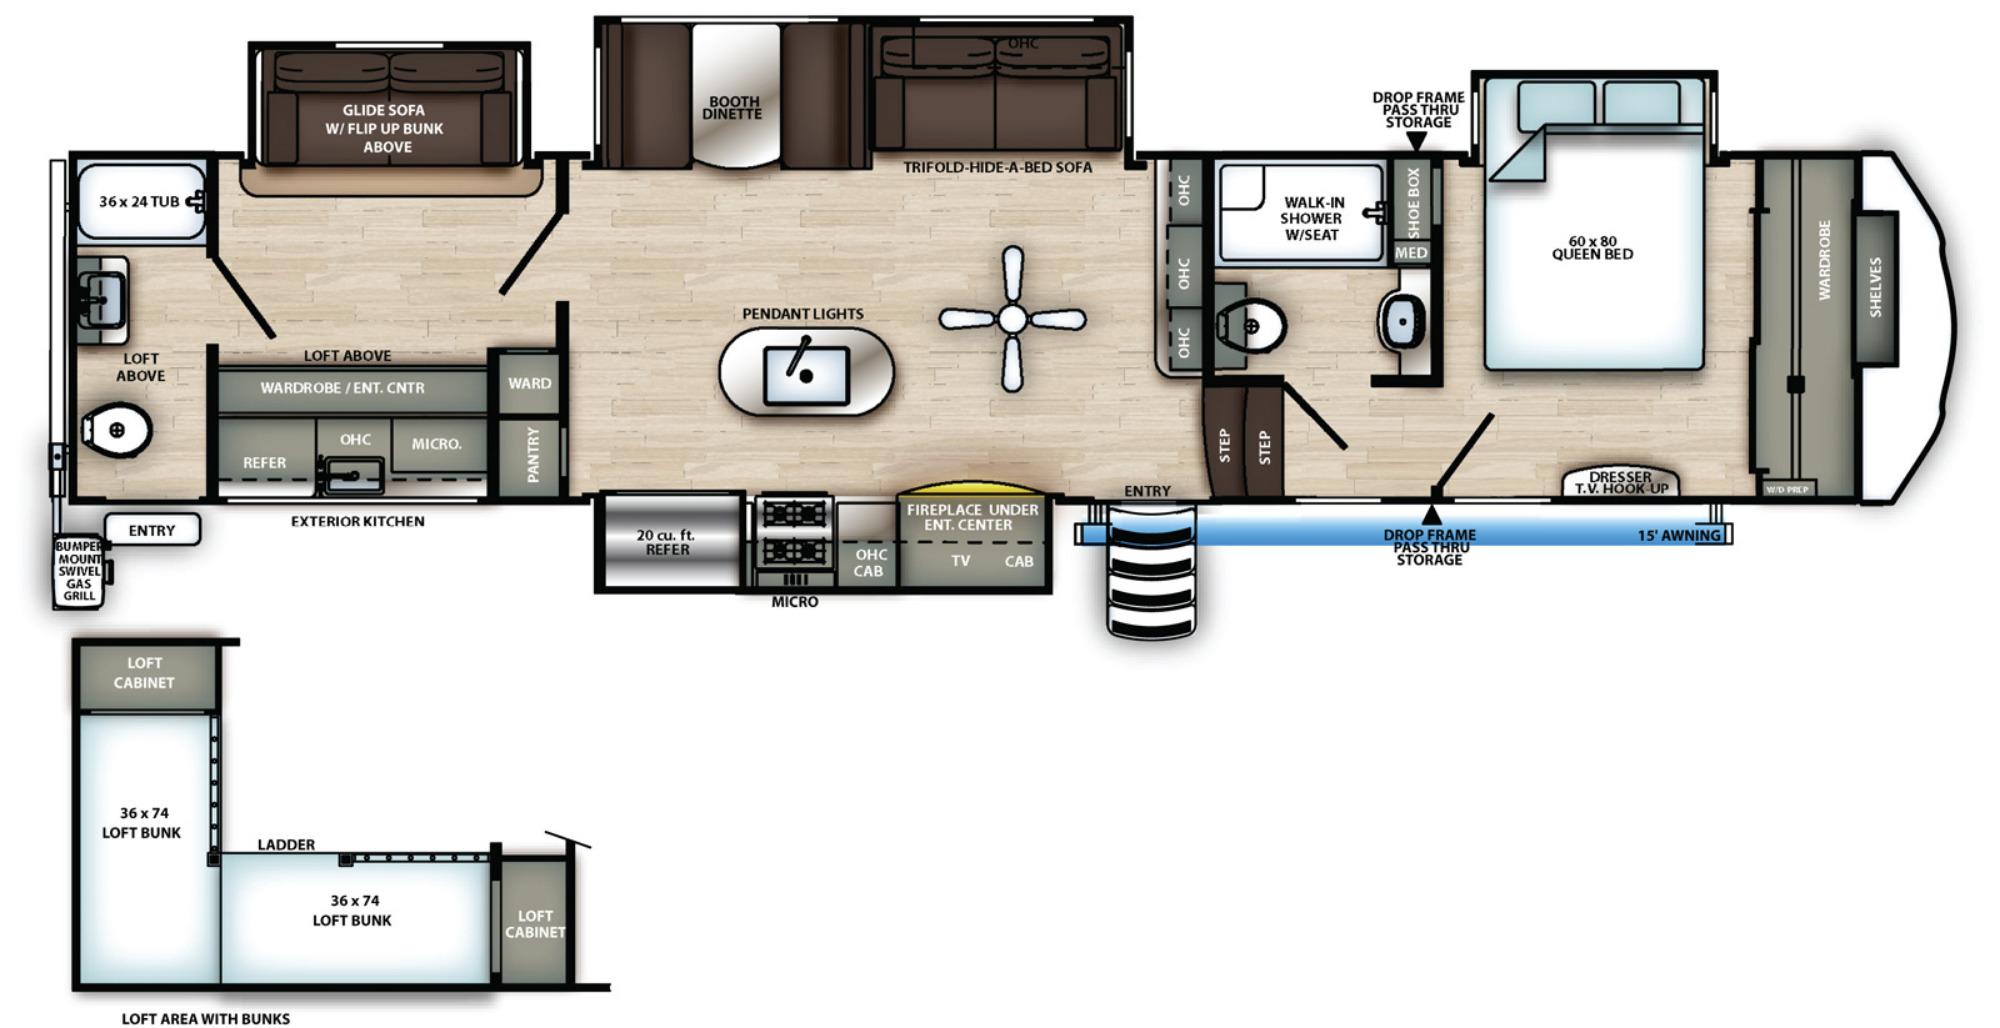 View Floor Plan for 2021 FOREST RIVER SIERRA 383RBLOK